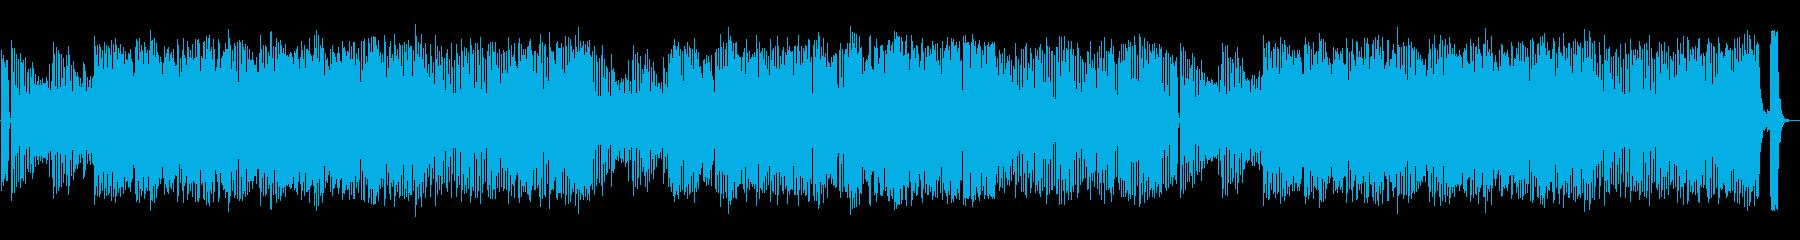 怪しい感じのフュージョンの再生済みの波形